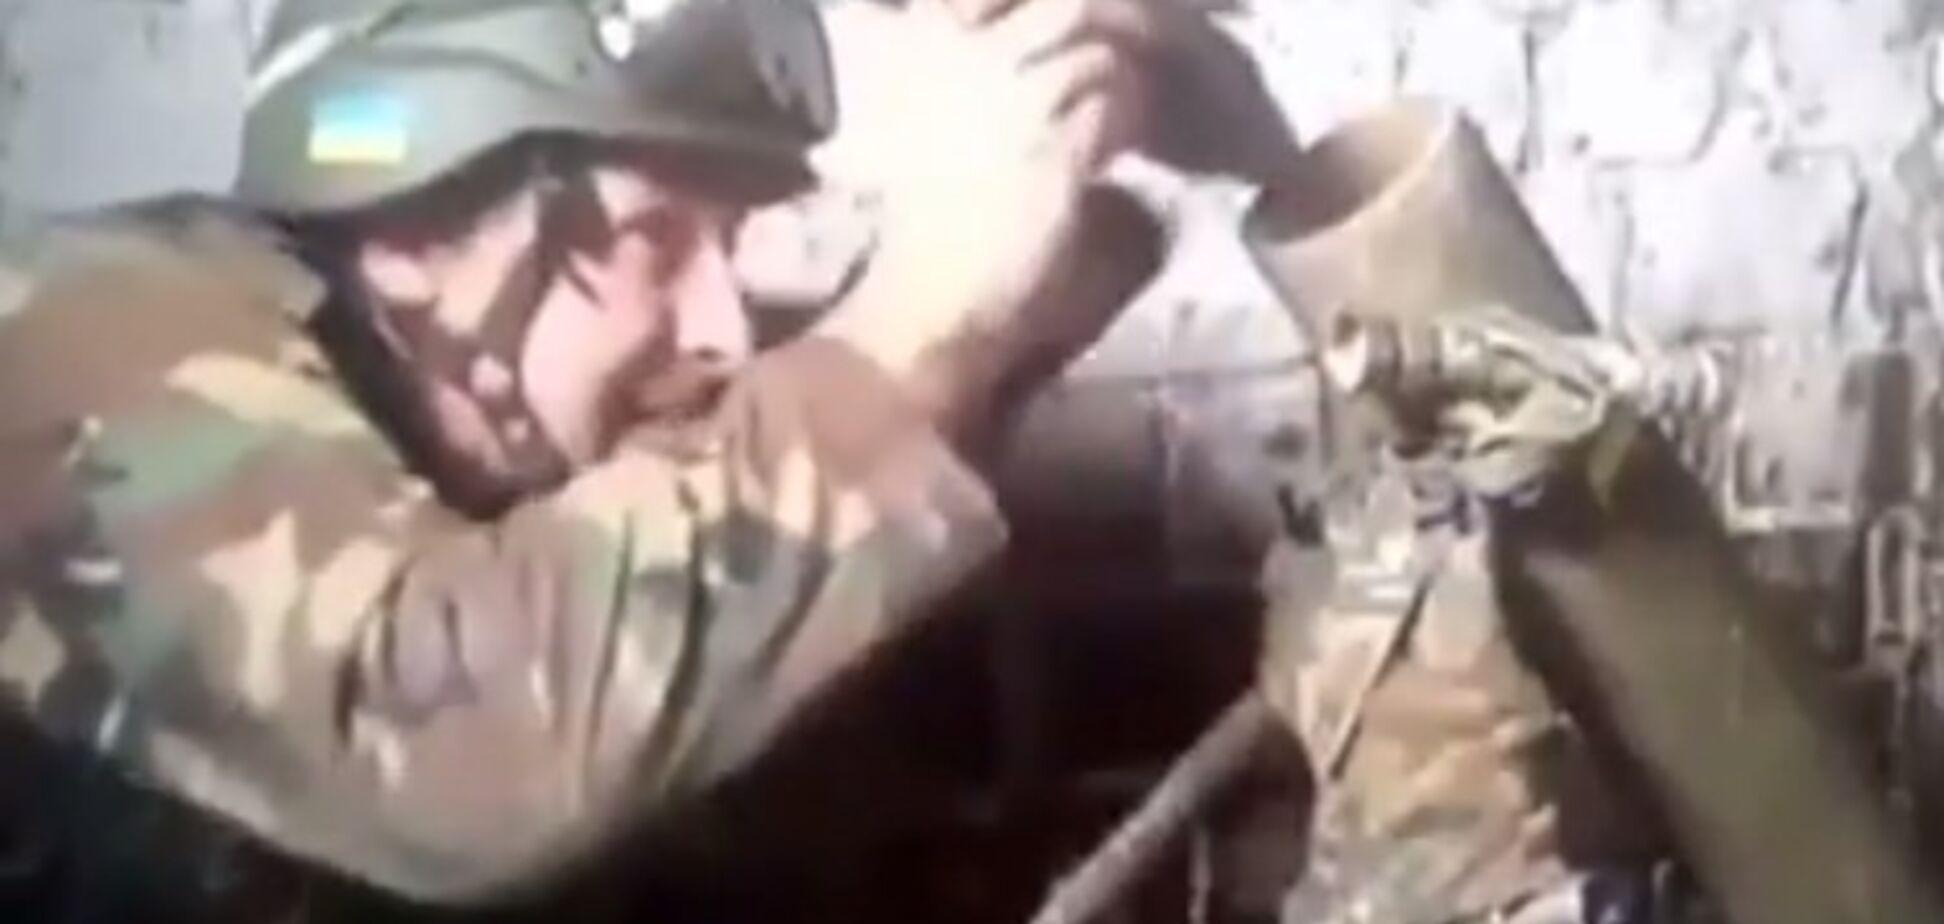 Бойова труба з м'ясорубкою: в 'ДНР' облажались з черговим фейком про ВСУ